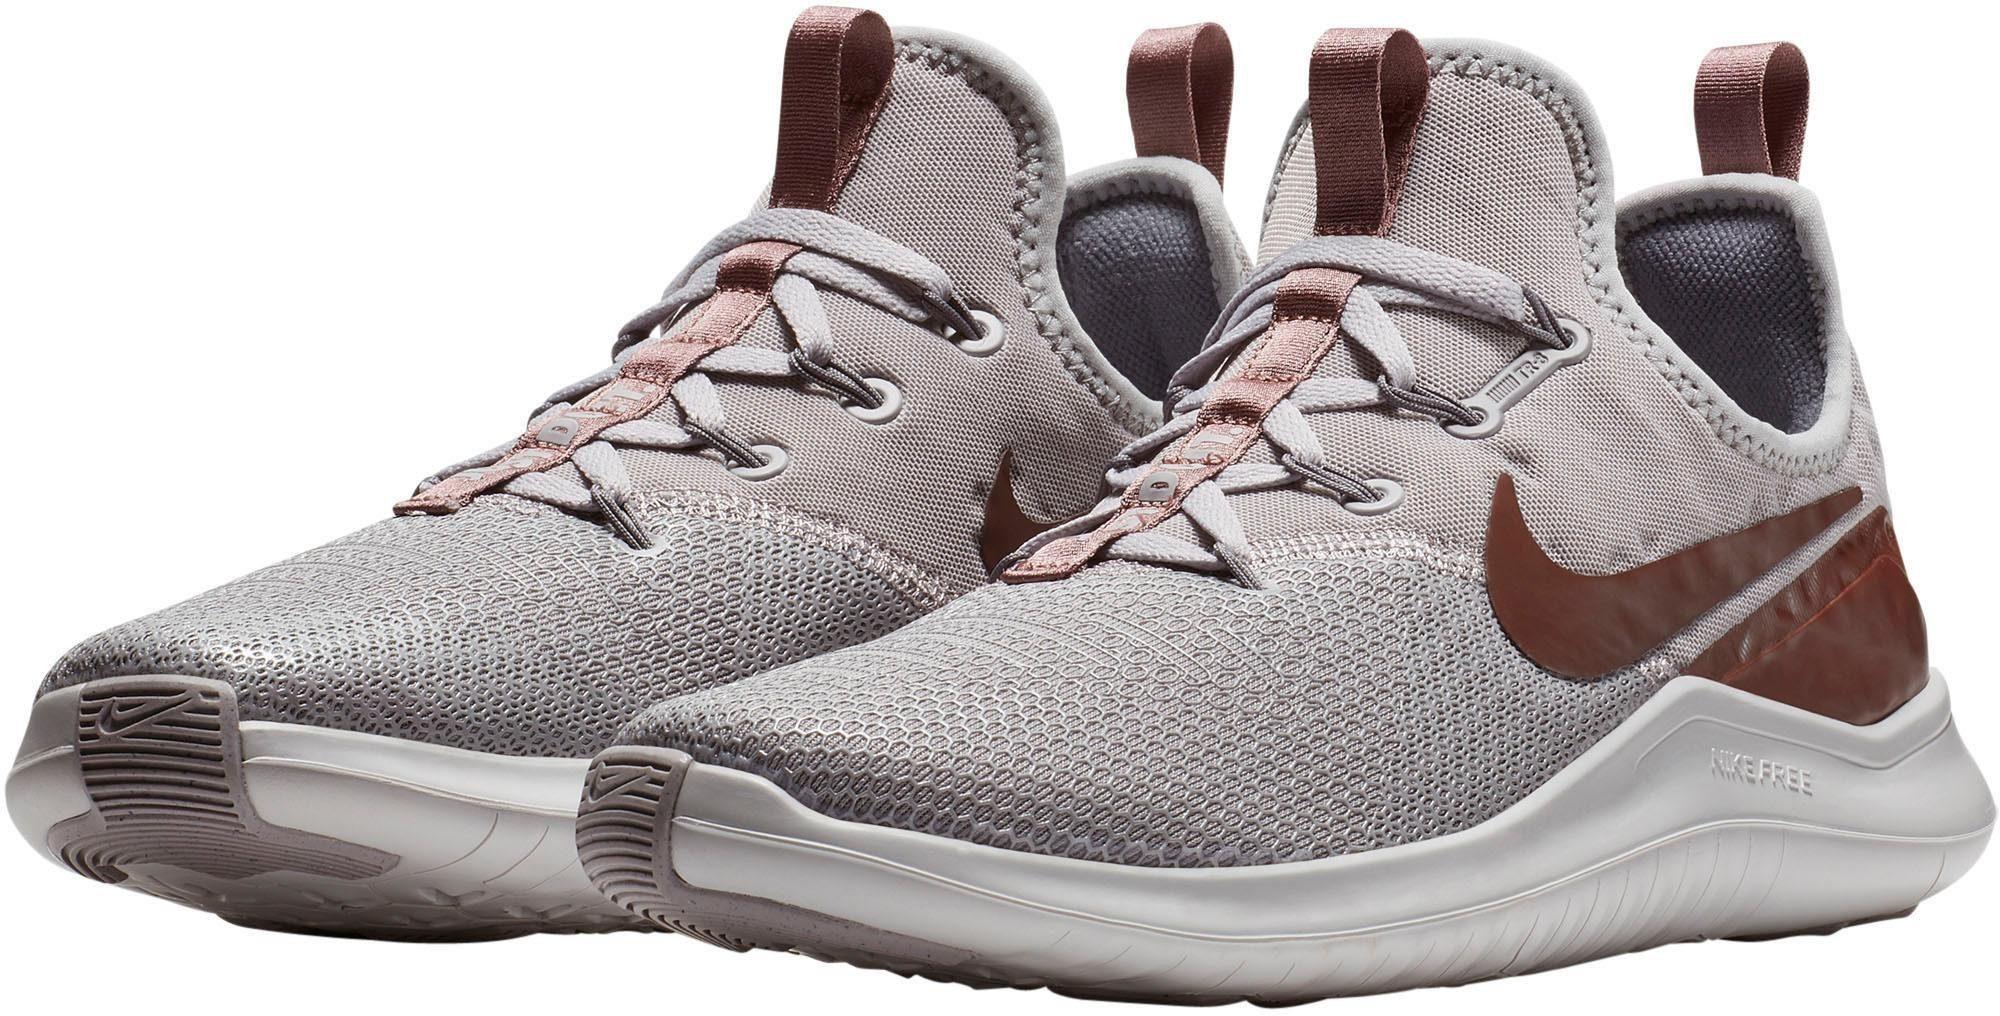 Nike Wmns Free TR 8 LM Fitnessschuh kaufen  grau-bronzefarben